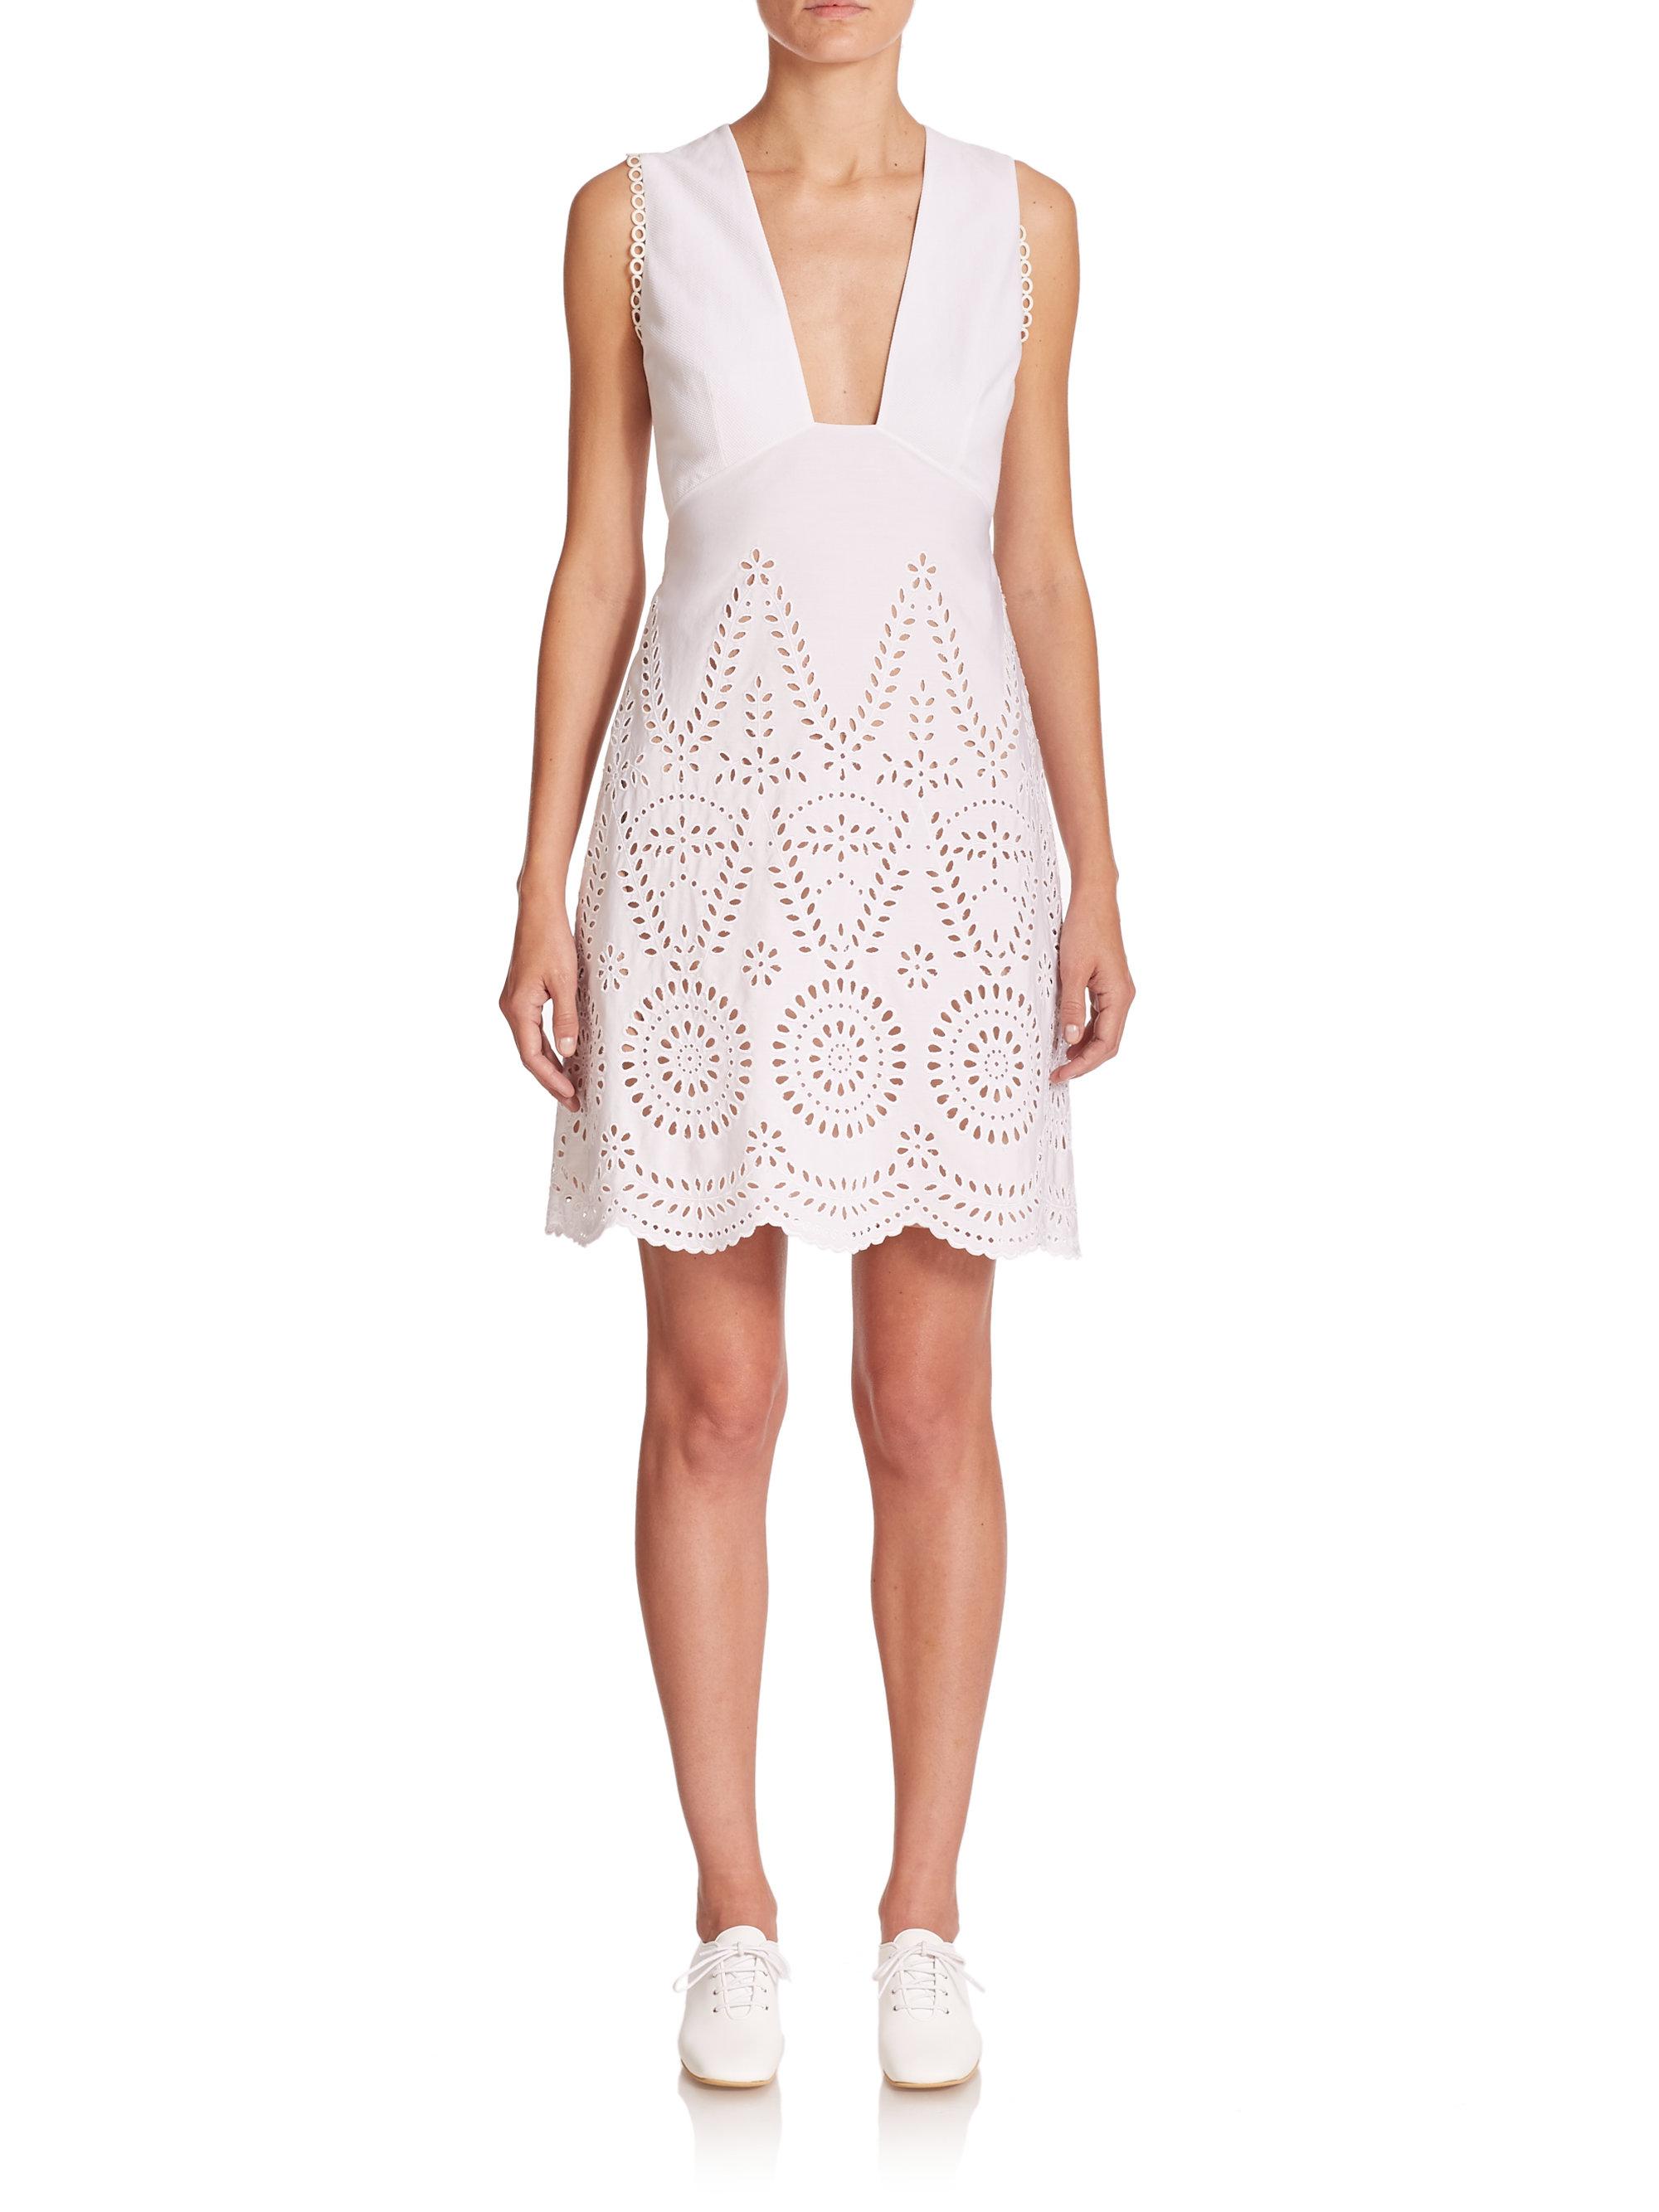 Stella mccartney Cotton Eyelet Dress in White  Lyst